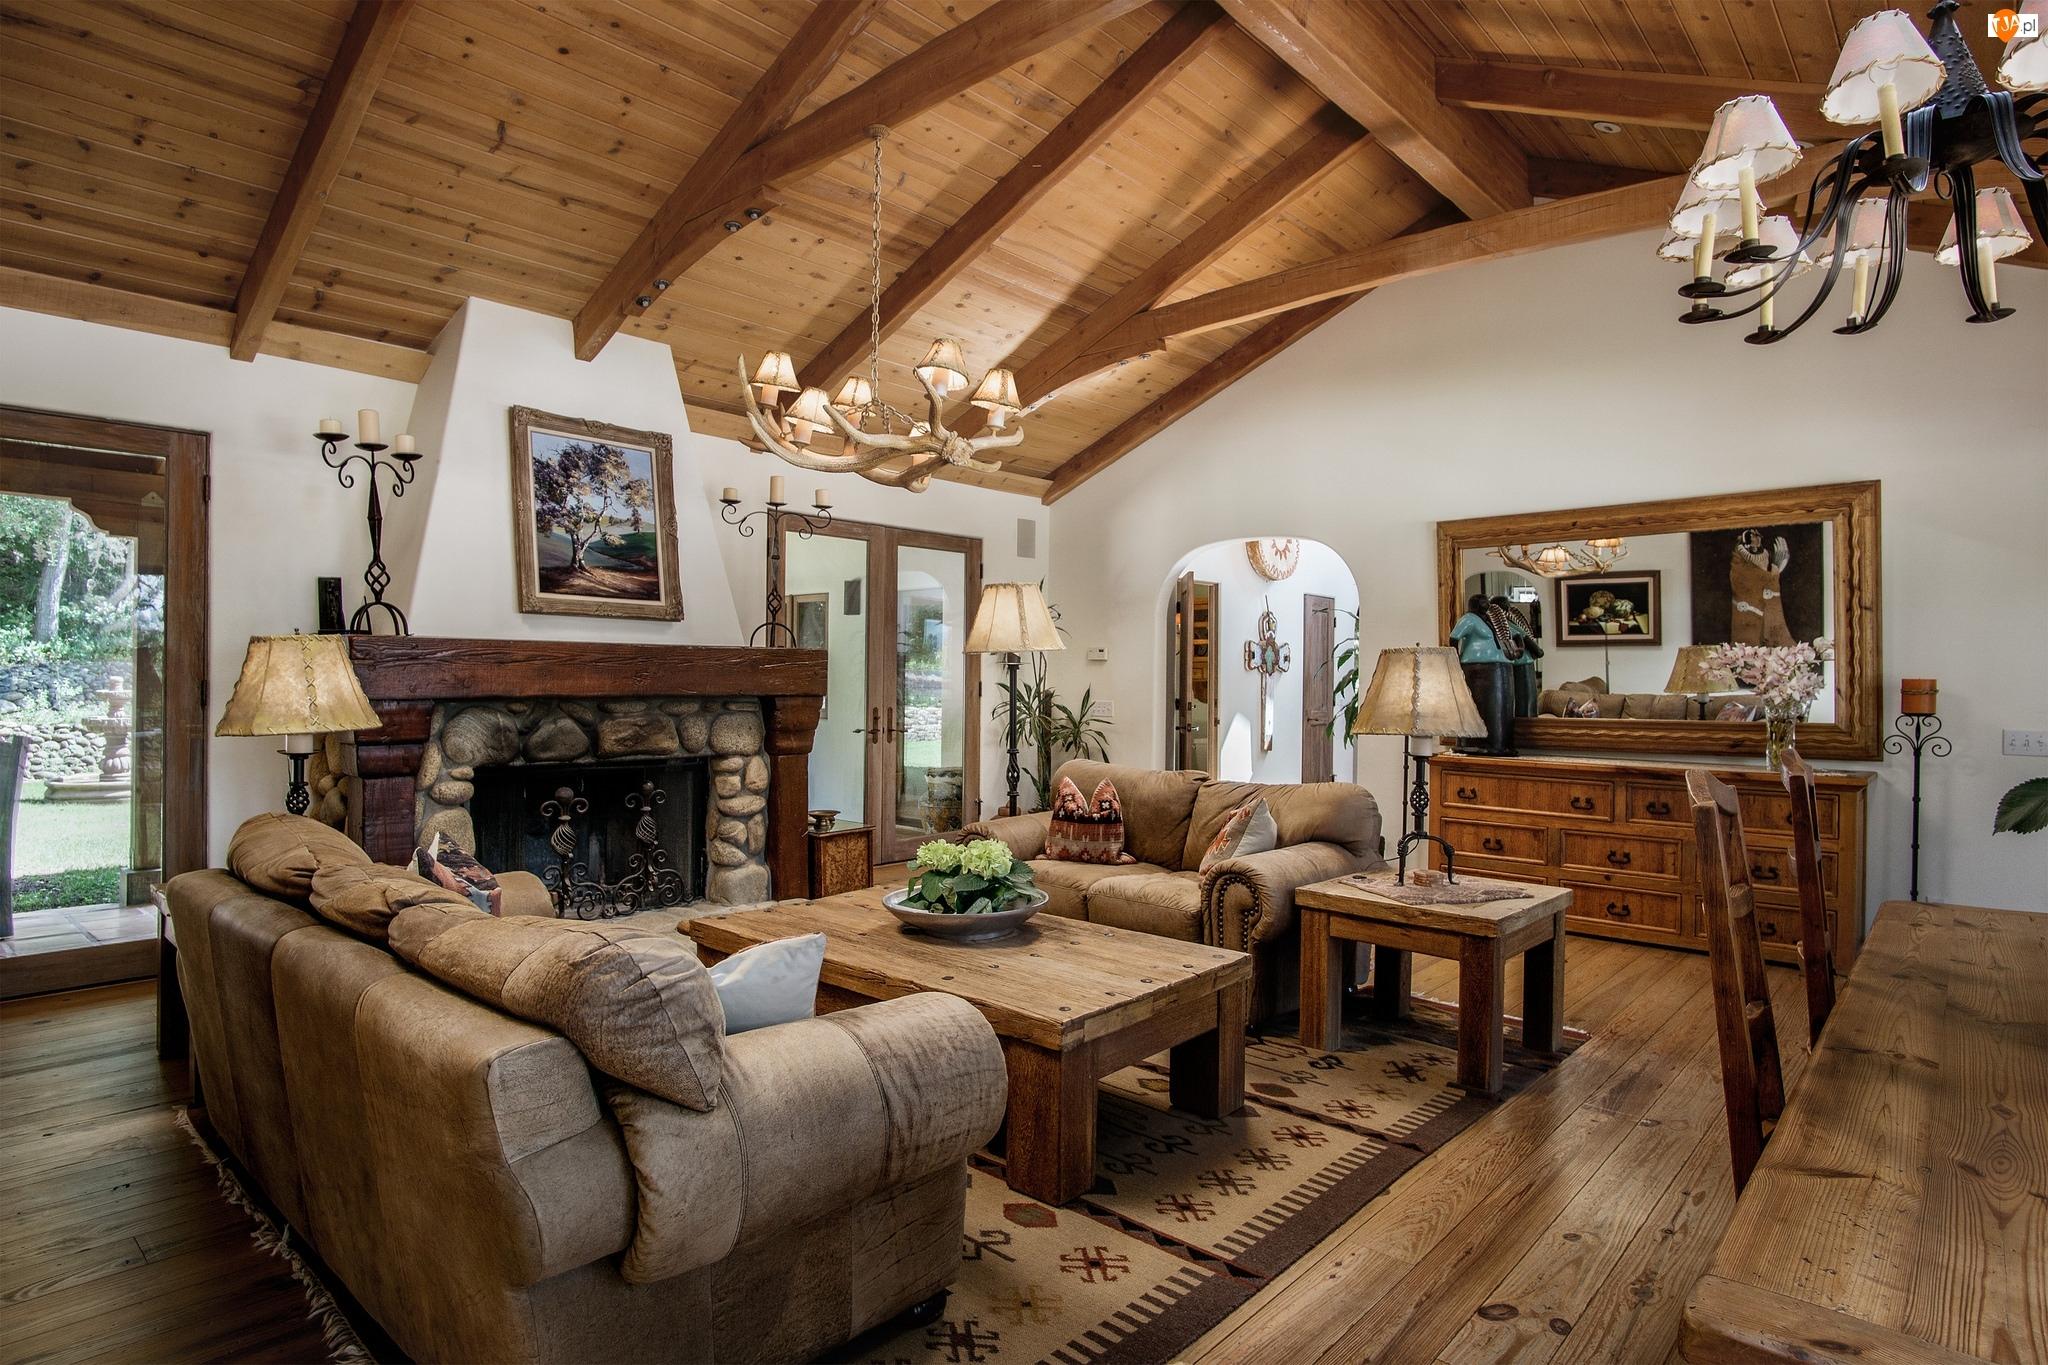 Sufit, Wnętrze, Kominek, Salon, Drewniany